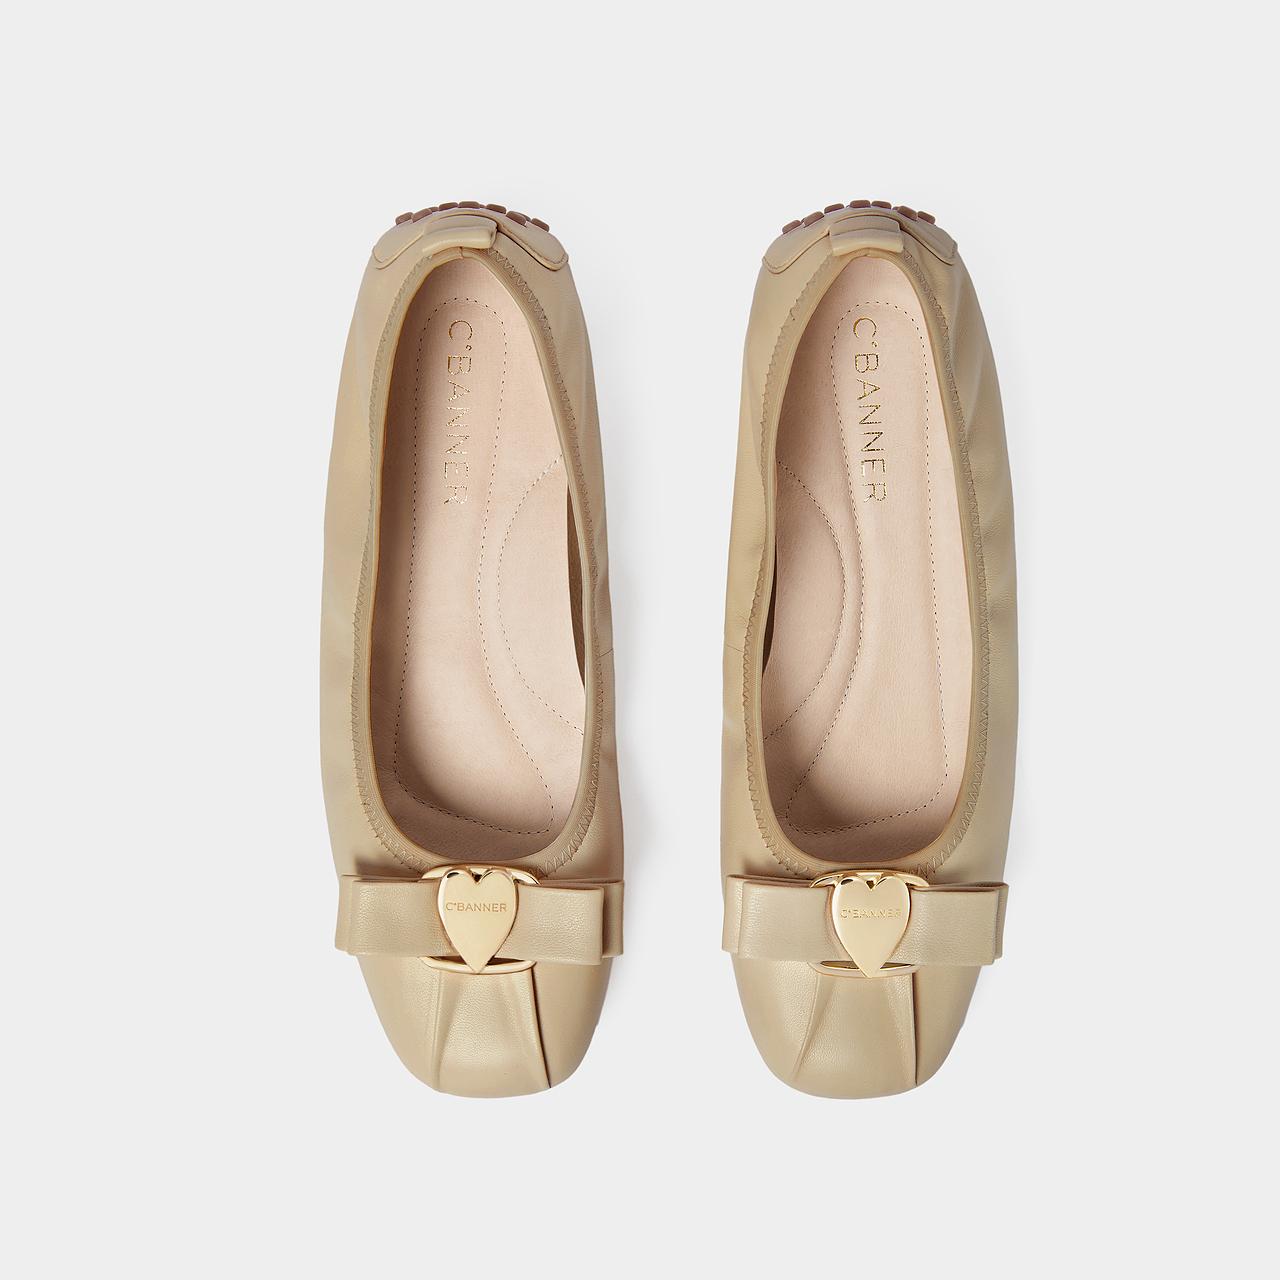 春夏新款女鞋甜美淑女风平底单鞋舒适百搭气质浅口鞋 2021 千百度